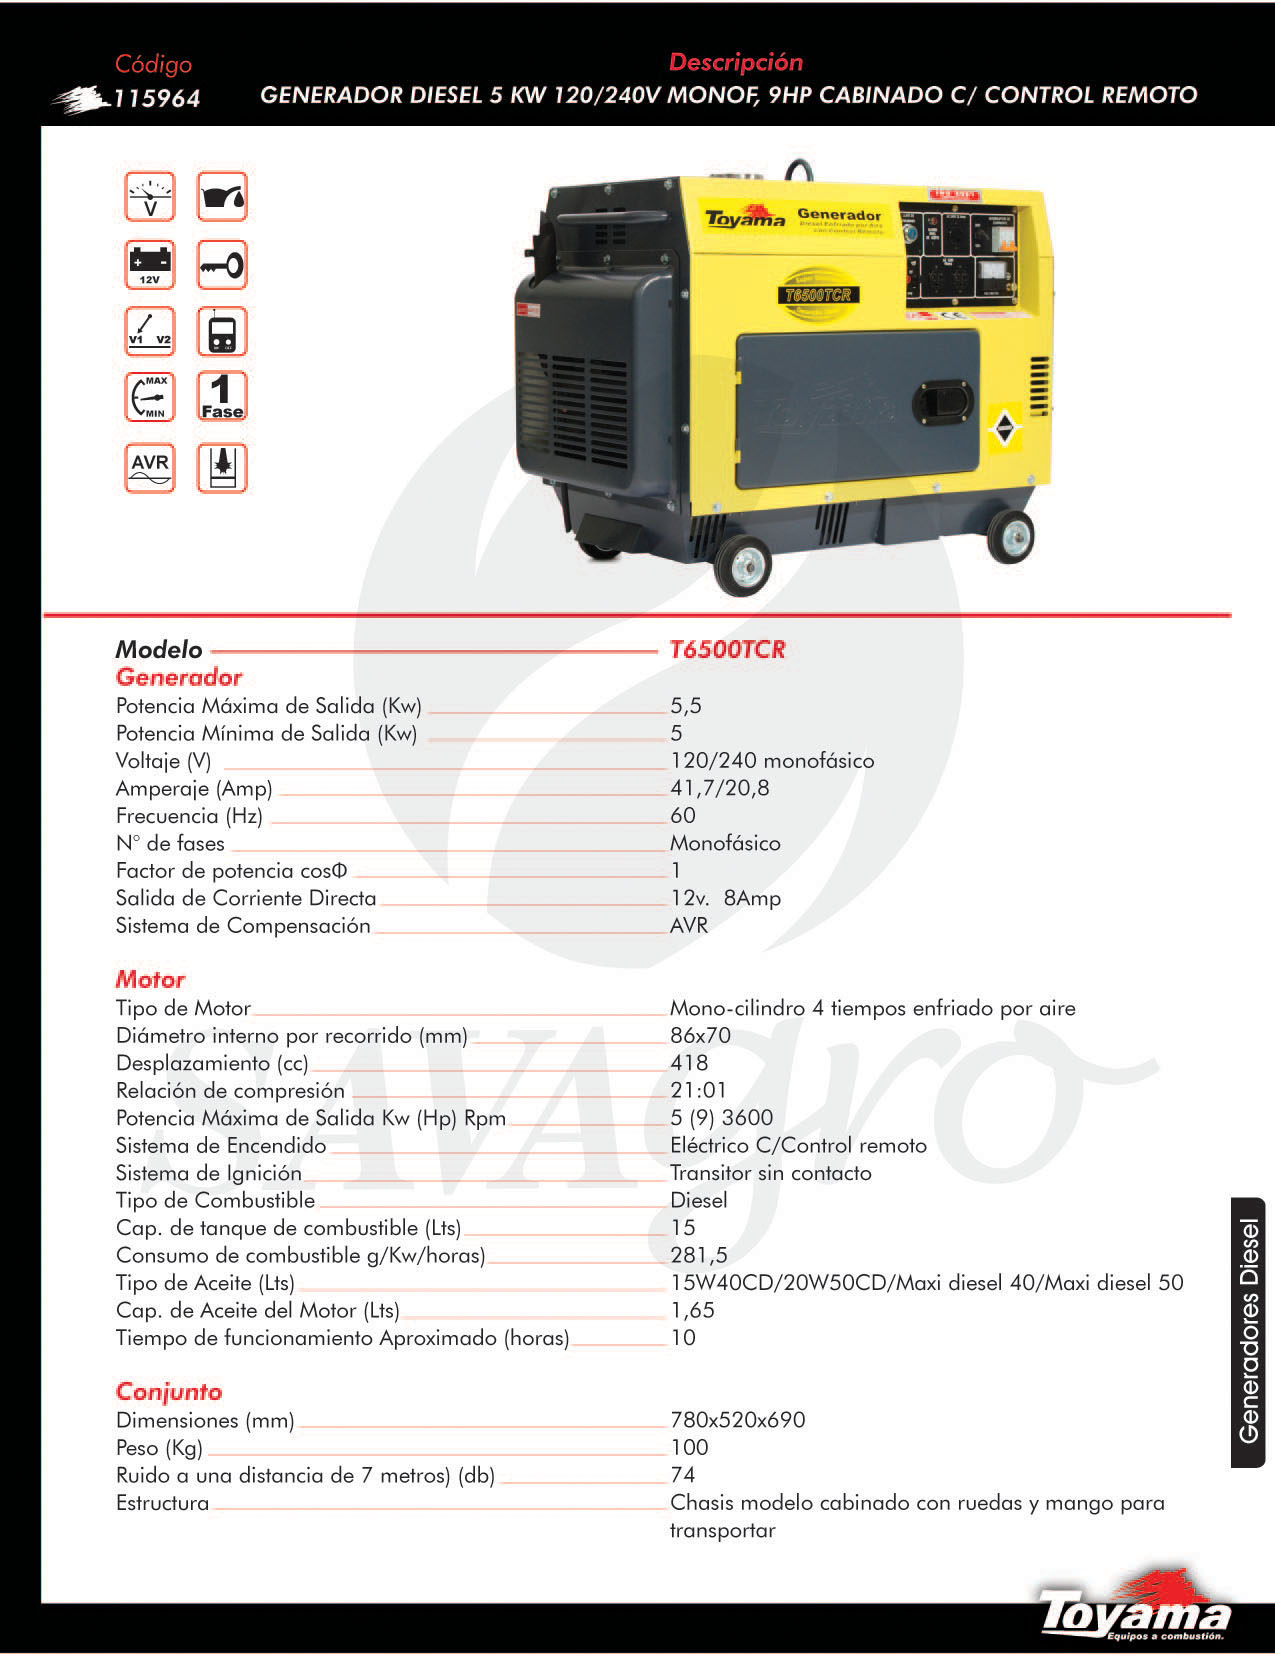 Generador Diesel TOYAMA de 5 Kw con control remoto T6500TCR 115964